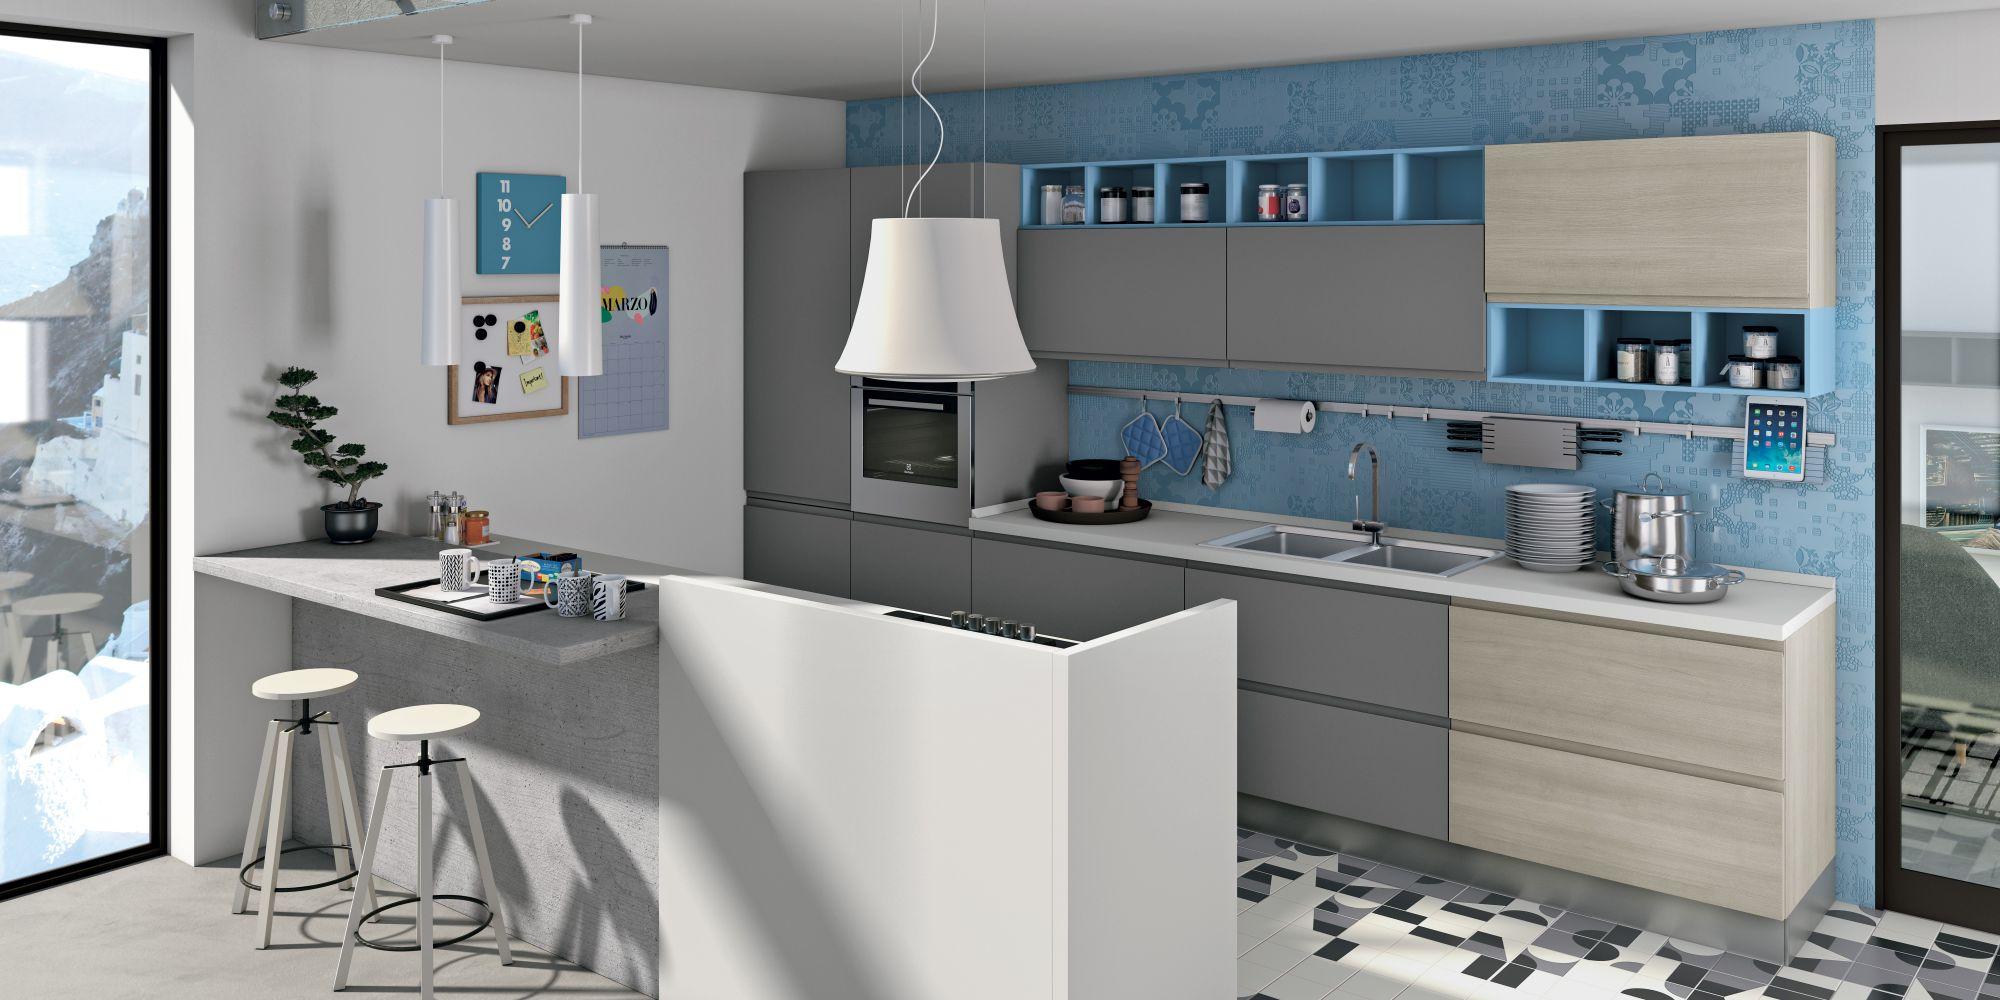 Cucina jey di creo kitchens stile e design essenziale con maniglie integrate nelle ante - Maniglie per ante cucina ...